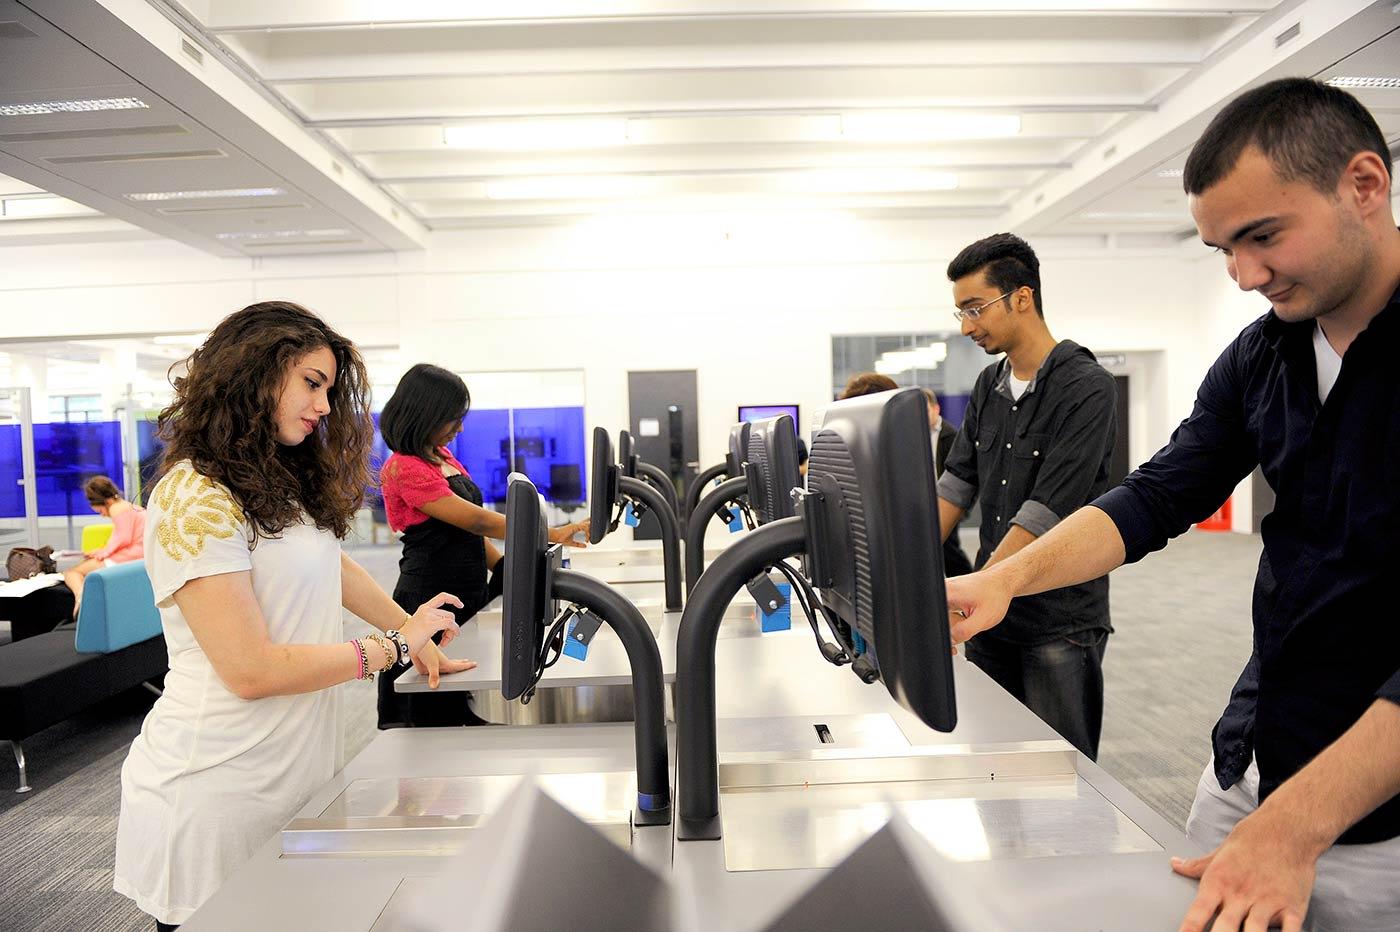 全英最大的学术图书馆之一,藏书超过4百万本